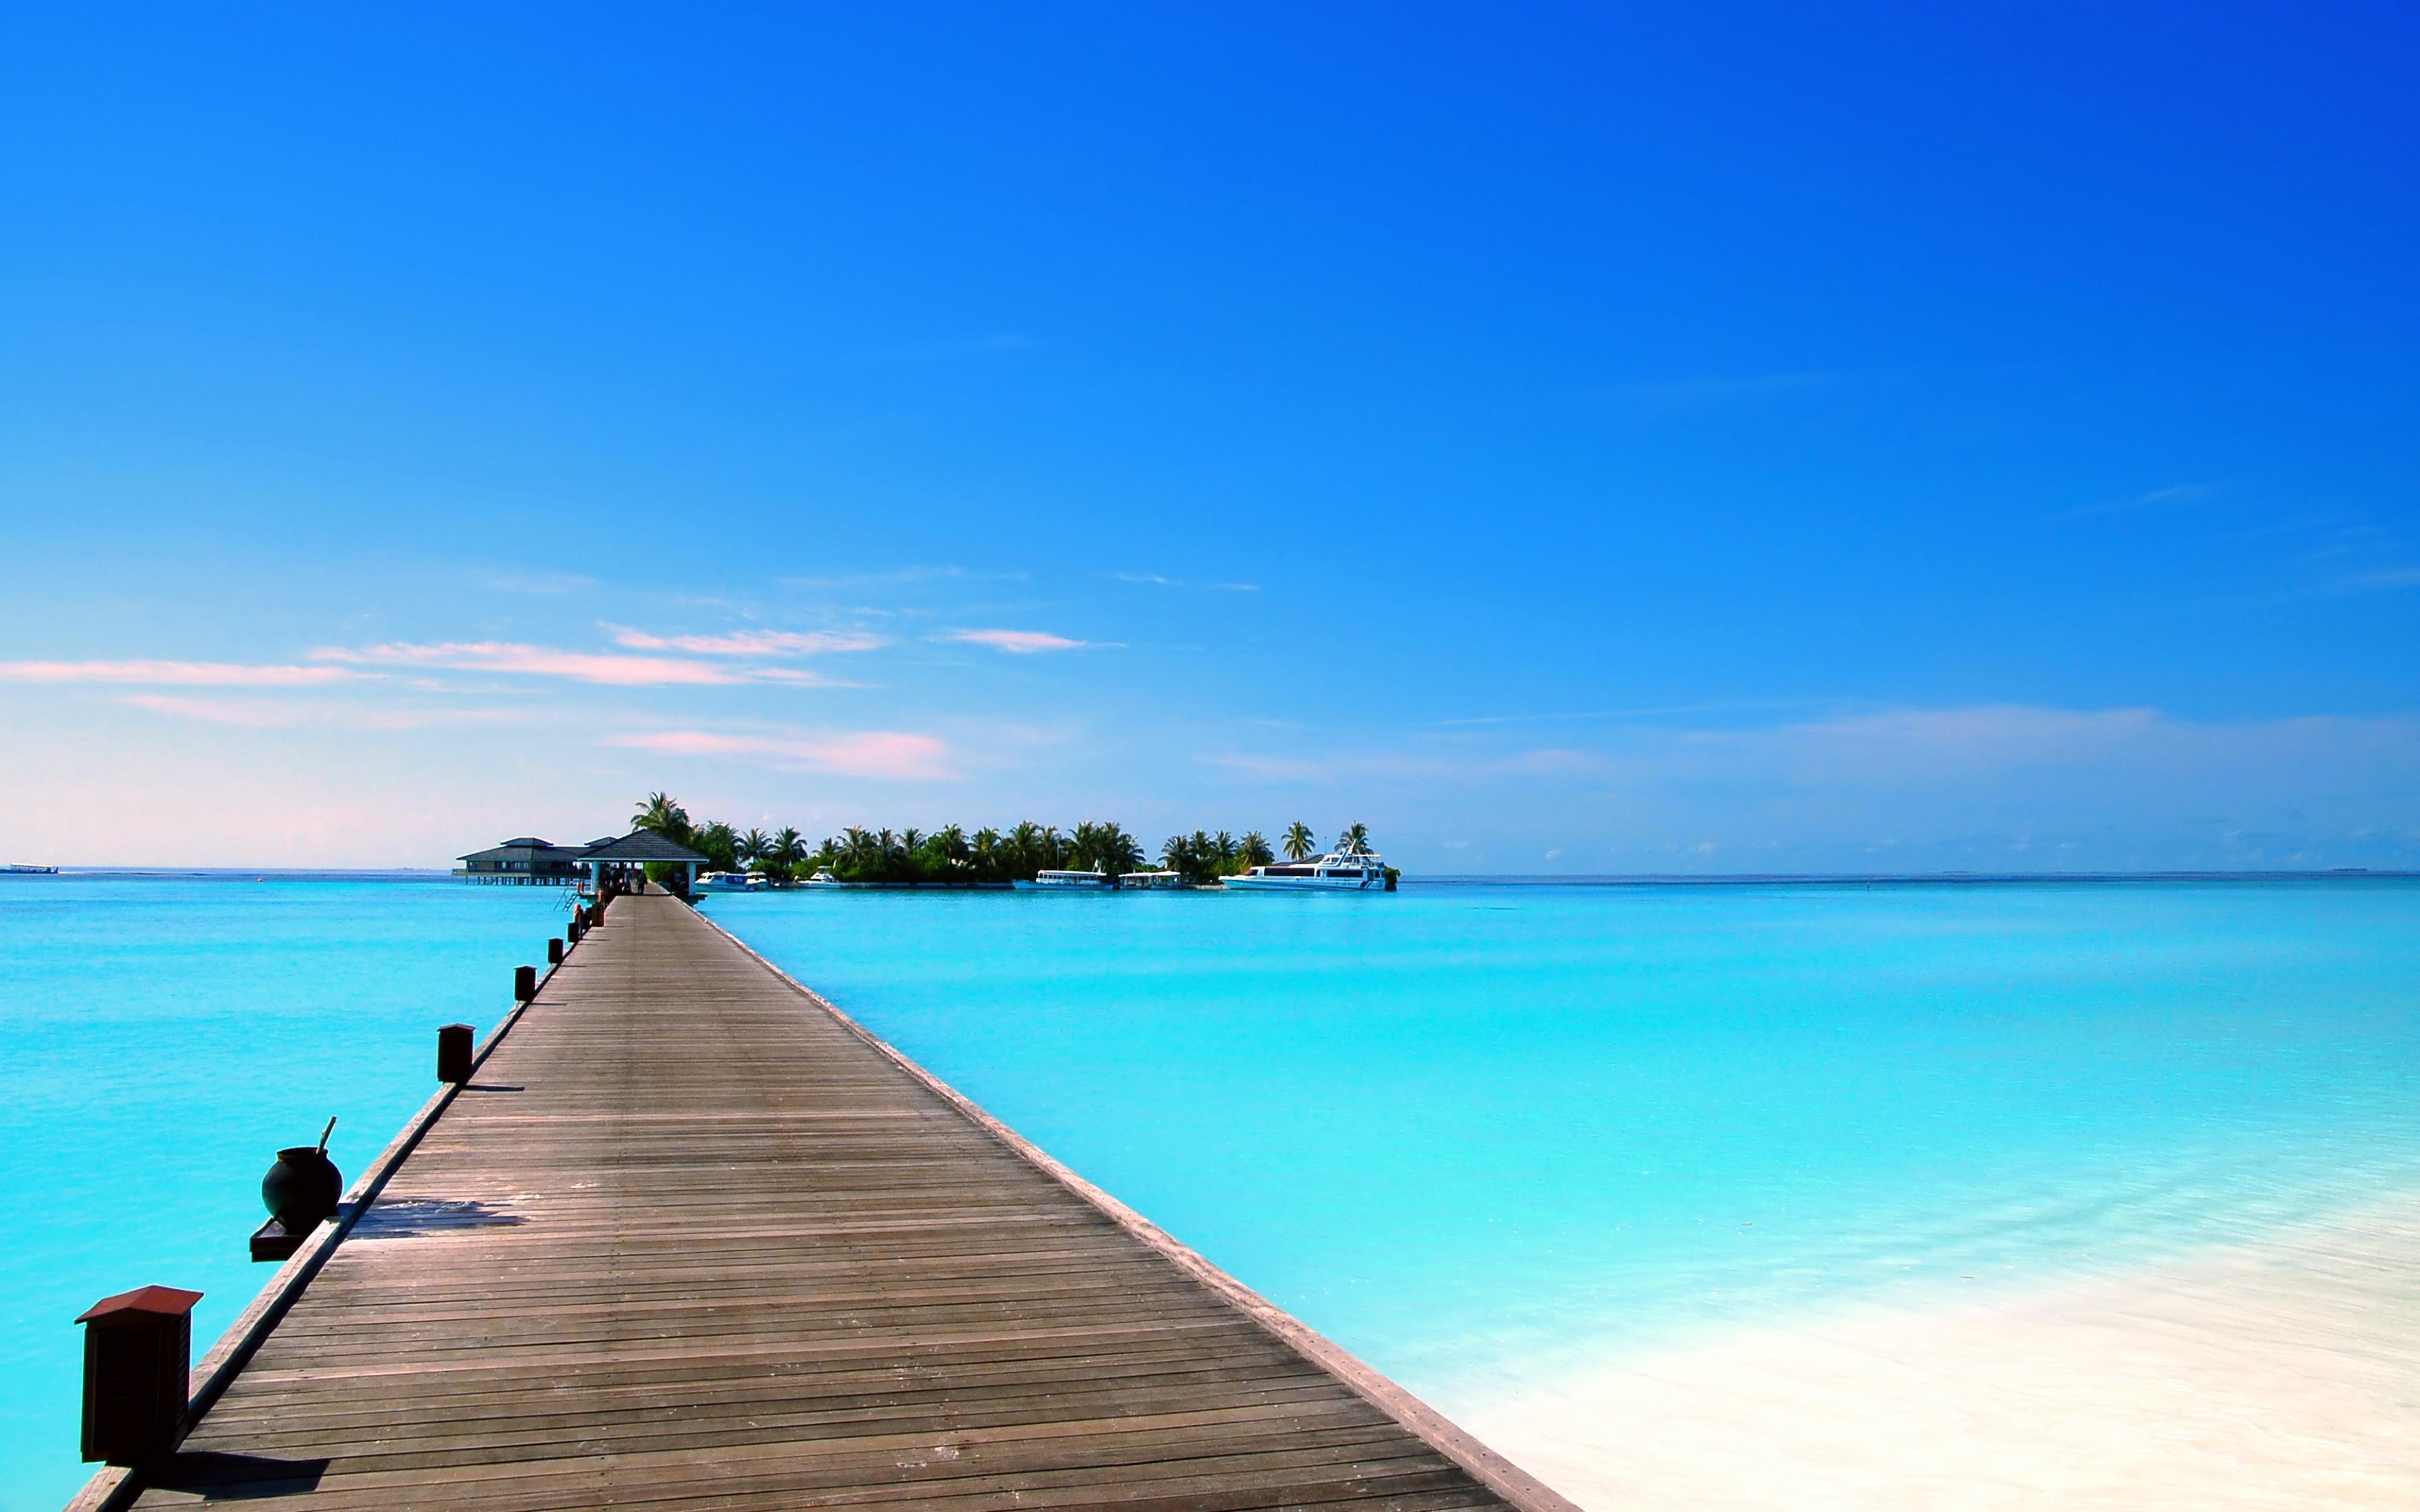 тропики, Мальдивы, море, остров, пляж, яхты